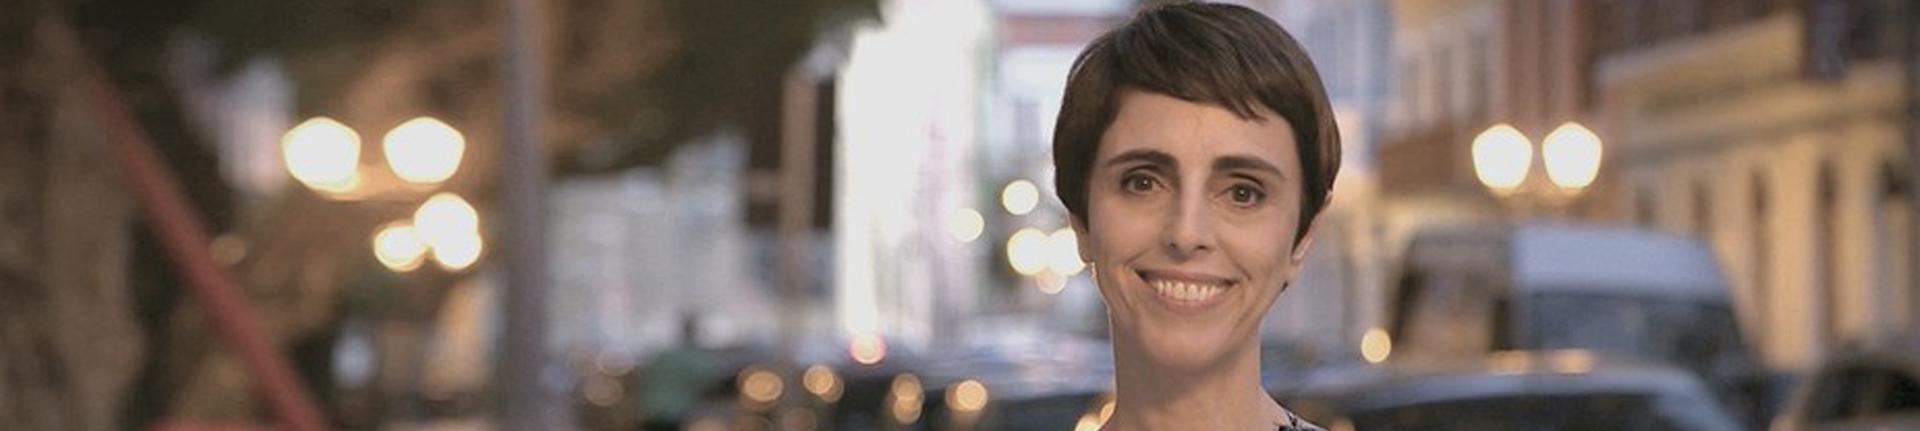 Moda: saiba tudo sobre a jornalista de moda Lilian Pacce